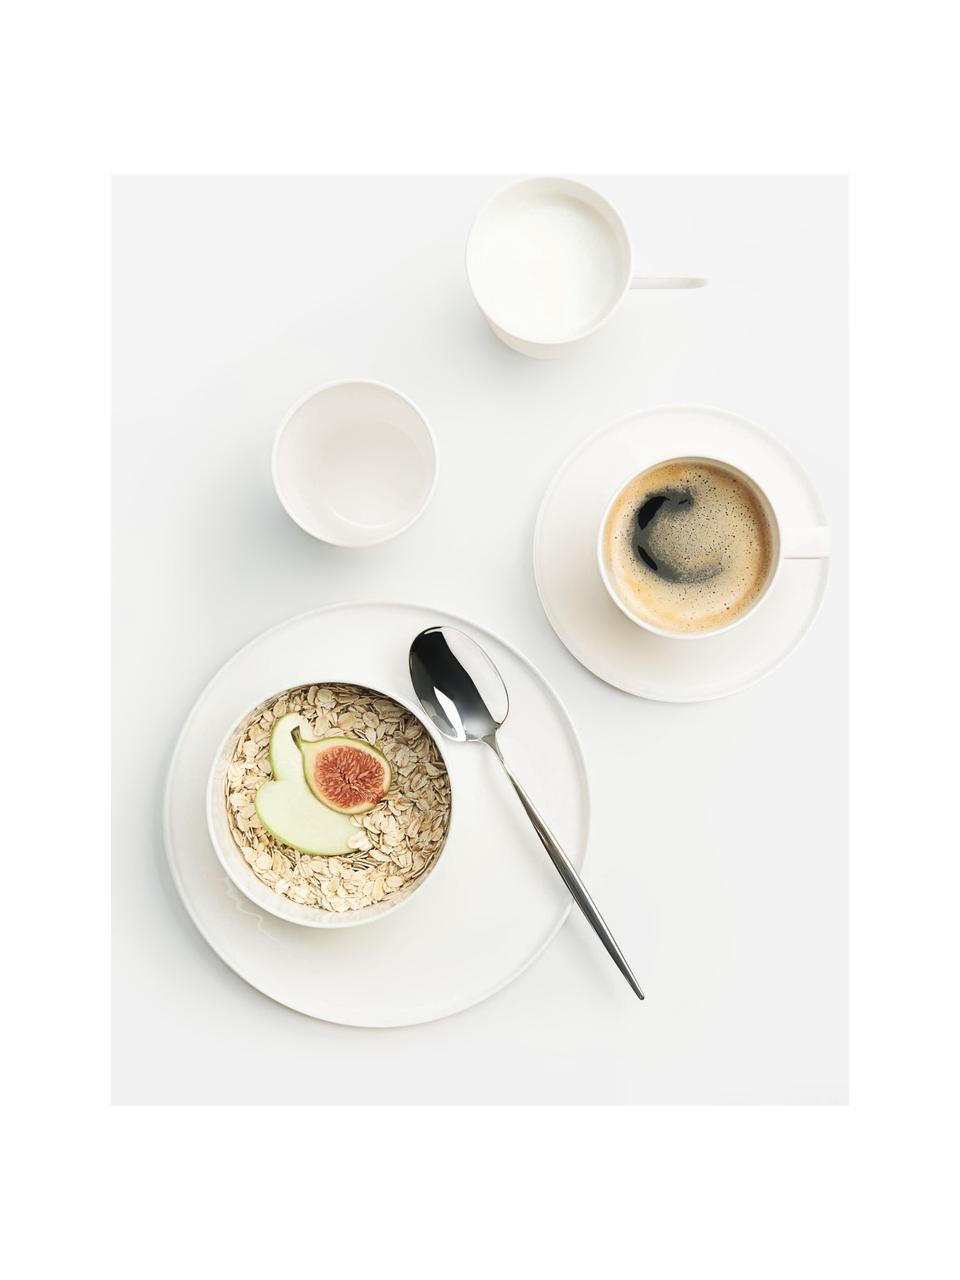 Miseczka z porcelany Fine Bone China Oco, 6 szt., Fine Bone China (porcelana kostna) Fine Bone China to miękka porcelana wyróżniająca się wyjątkowym, półprzezroczystym połyskiem, Kość słoniowa, Ø 12 cm